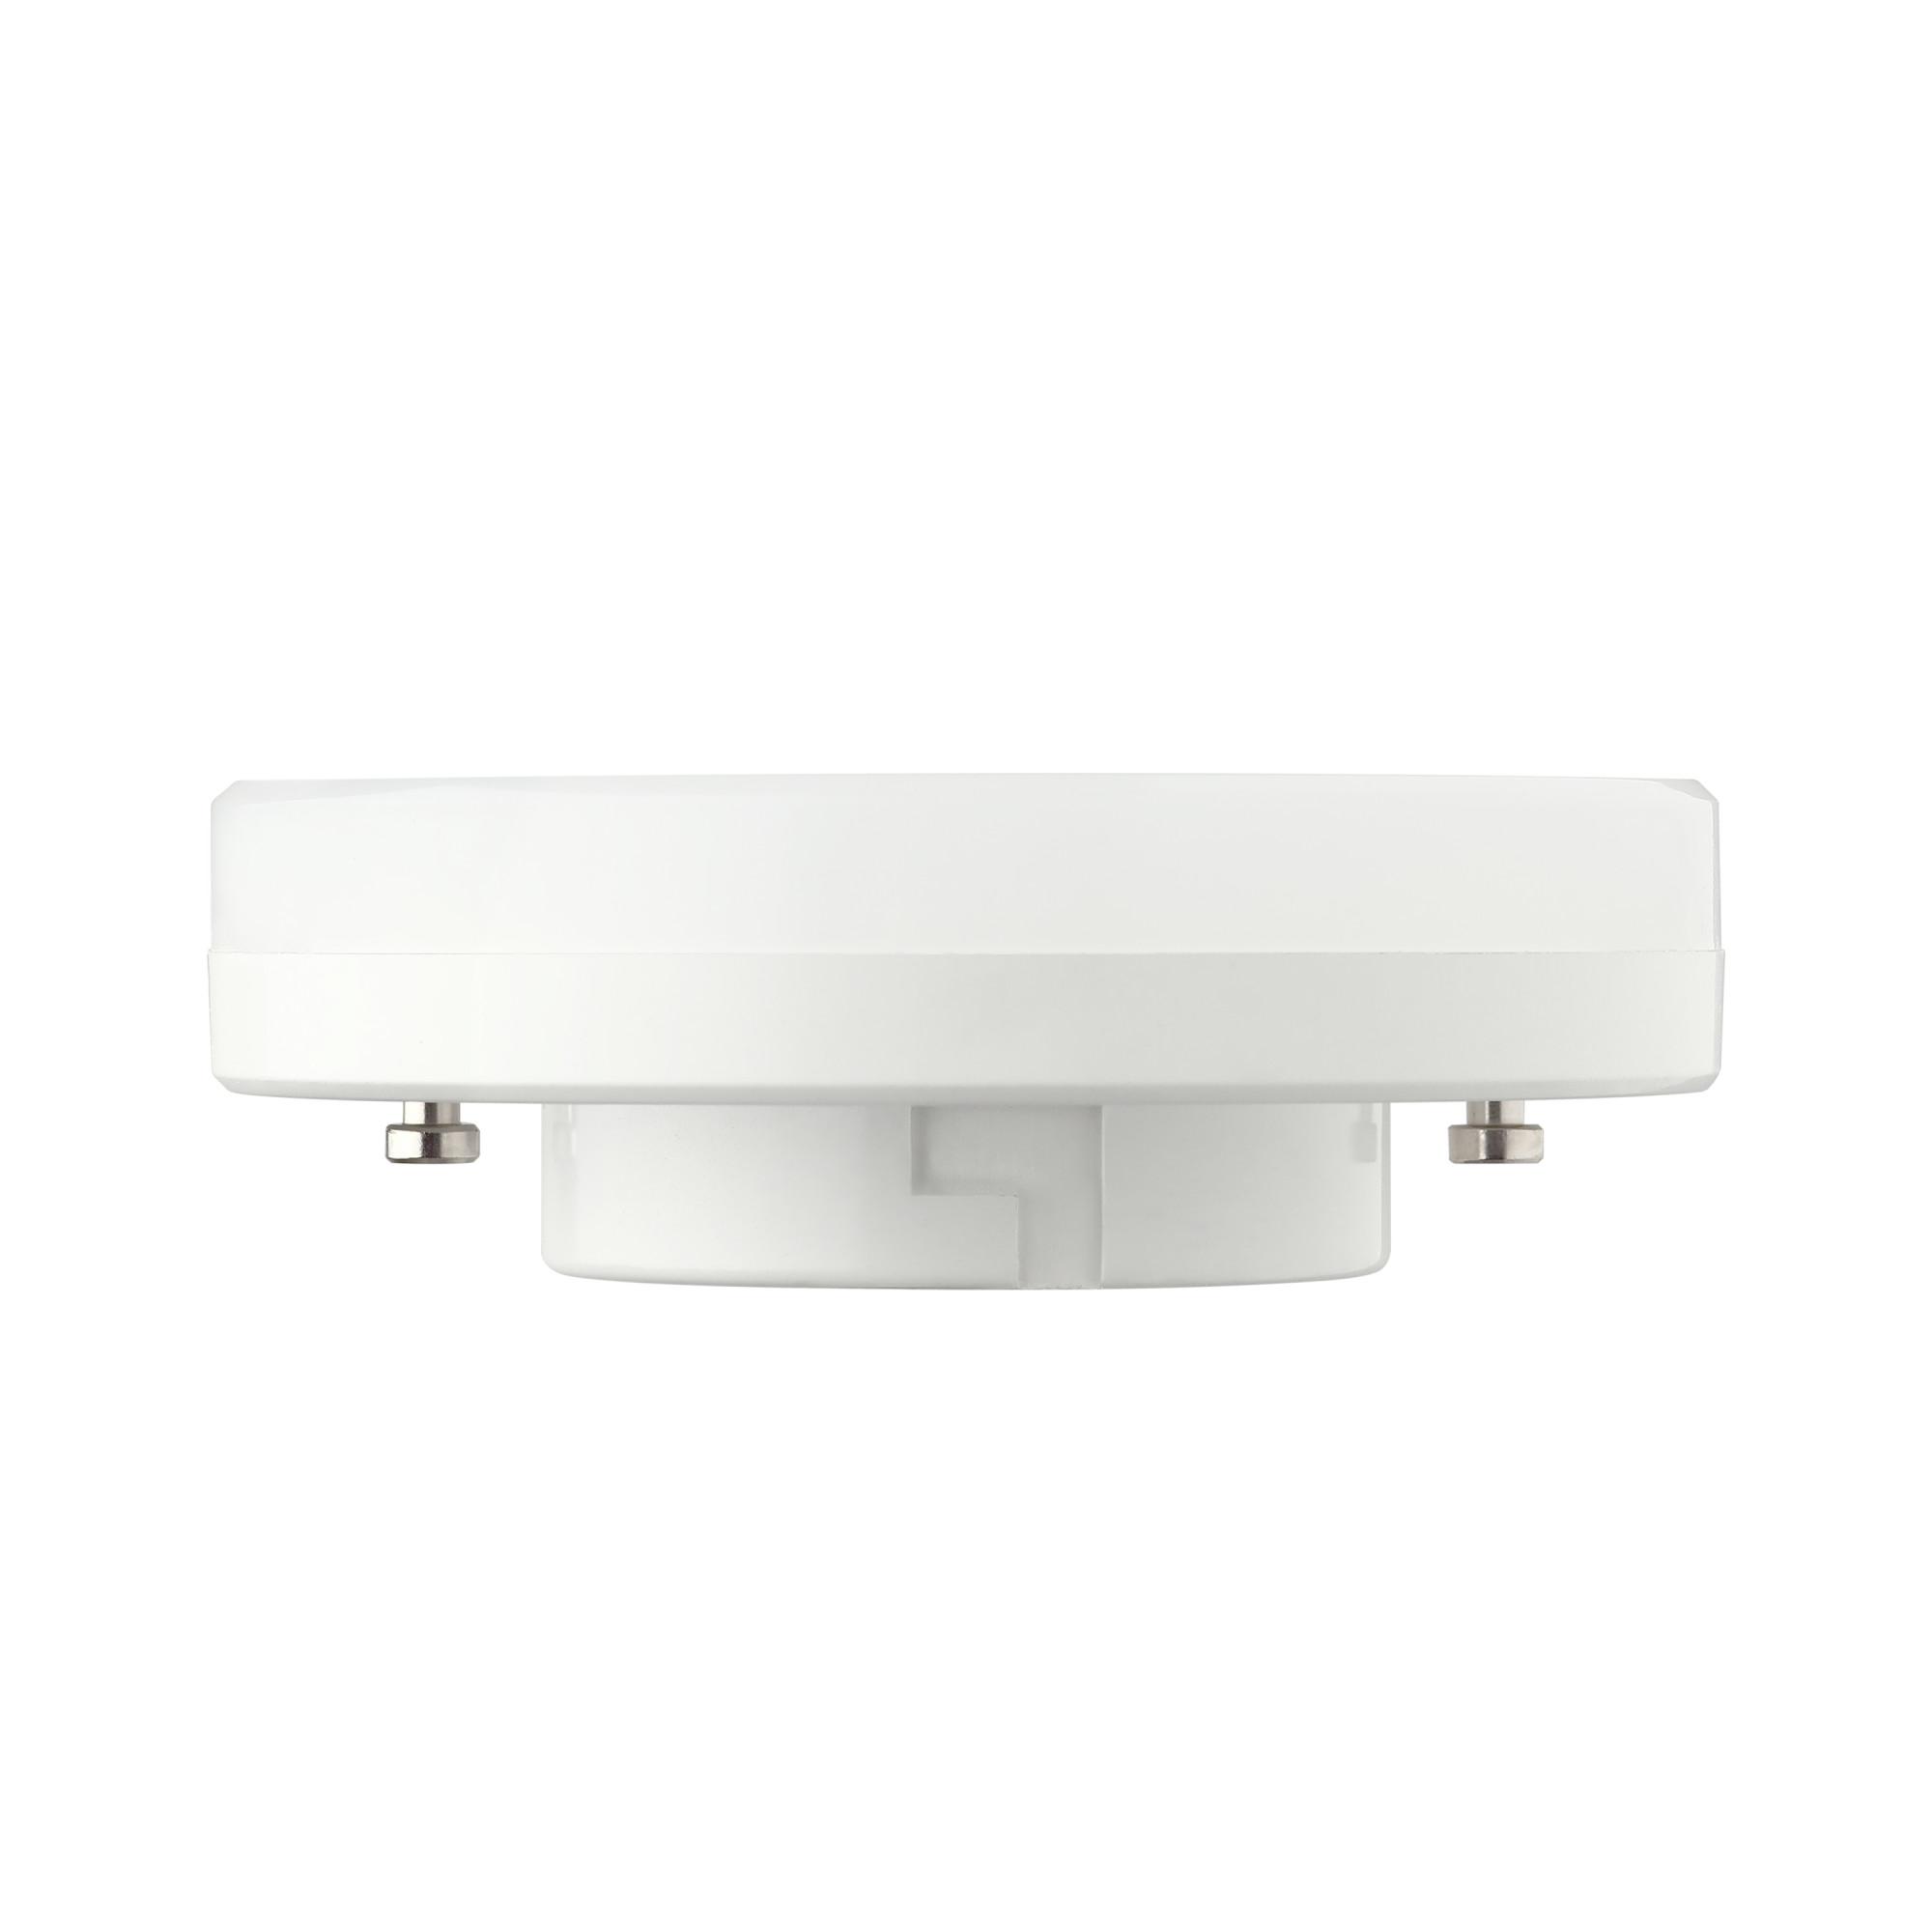 Лампа светодиодная Lexman GX53 32 Вт 300 Лм 4000 K свет нейтральный